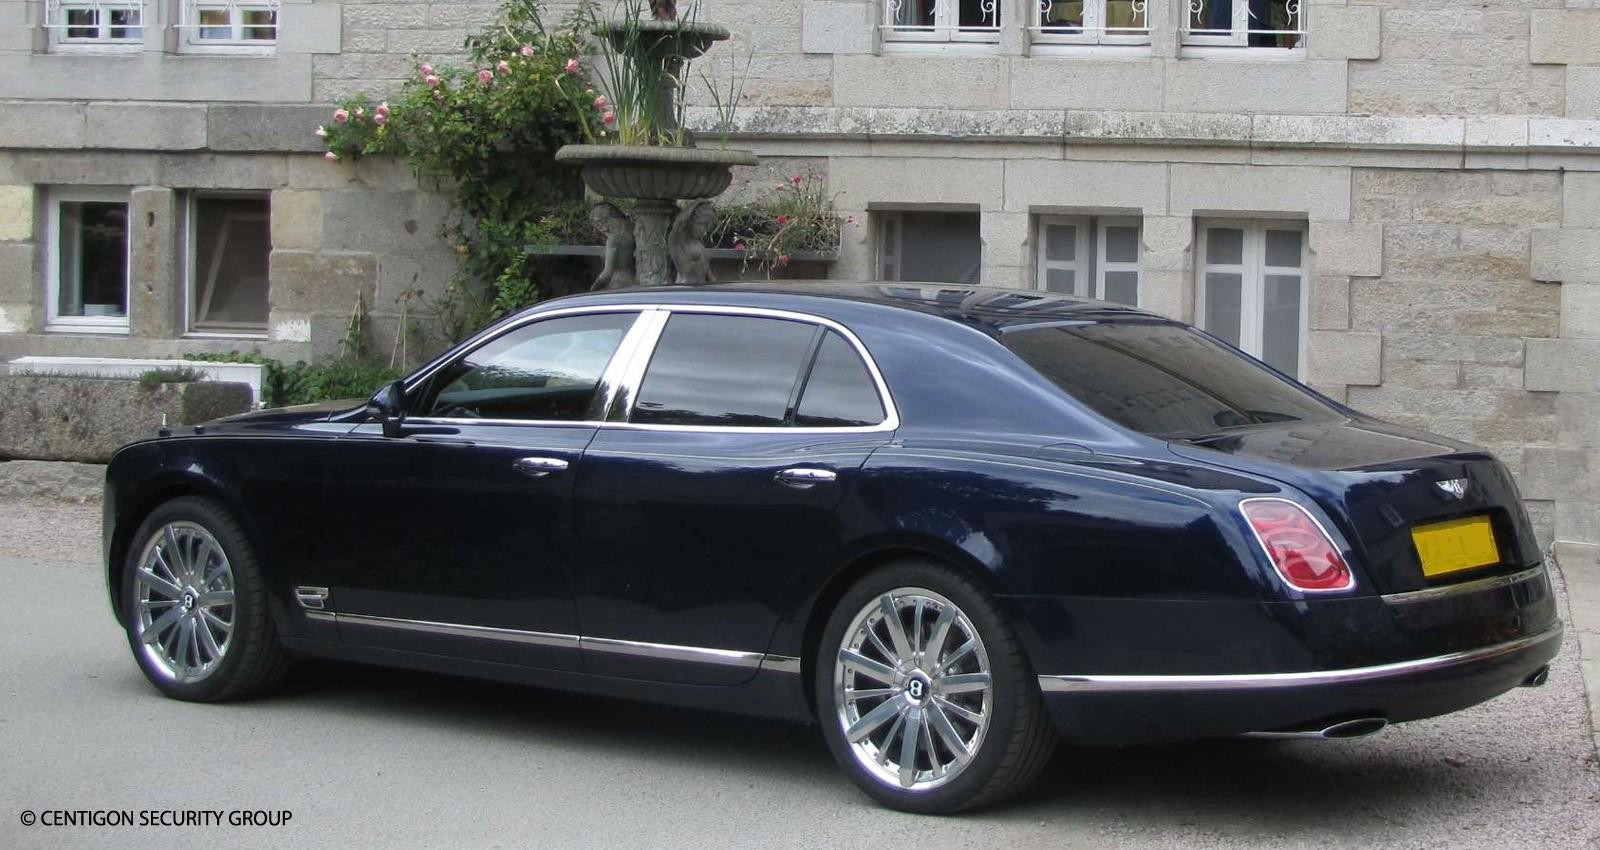 Centigon Security Group - Vehicle - Bentley Mulsanne Petrol on bentley truck, bentley coupe, bentley turbo r, bentley brooklands, bentley mussolini in miami, bentley s2, bentley flying b hood mascot, bentley corniche, bentley station wagon, bentley eight, bentley s3, bentley with rims blue blue, bentley t1, bentley arnage, bentley logo, bentley s1,